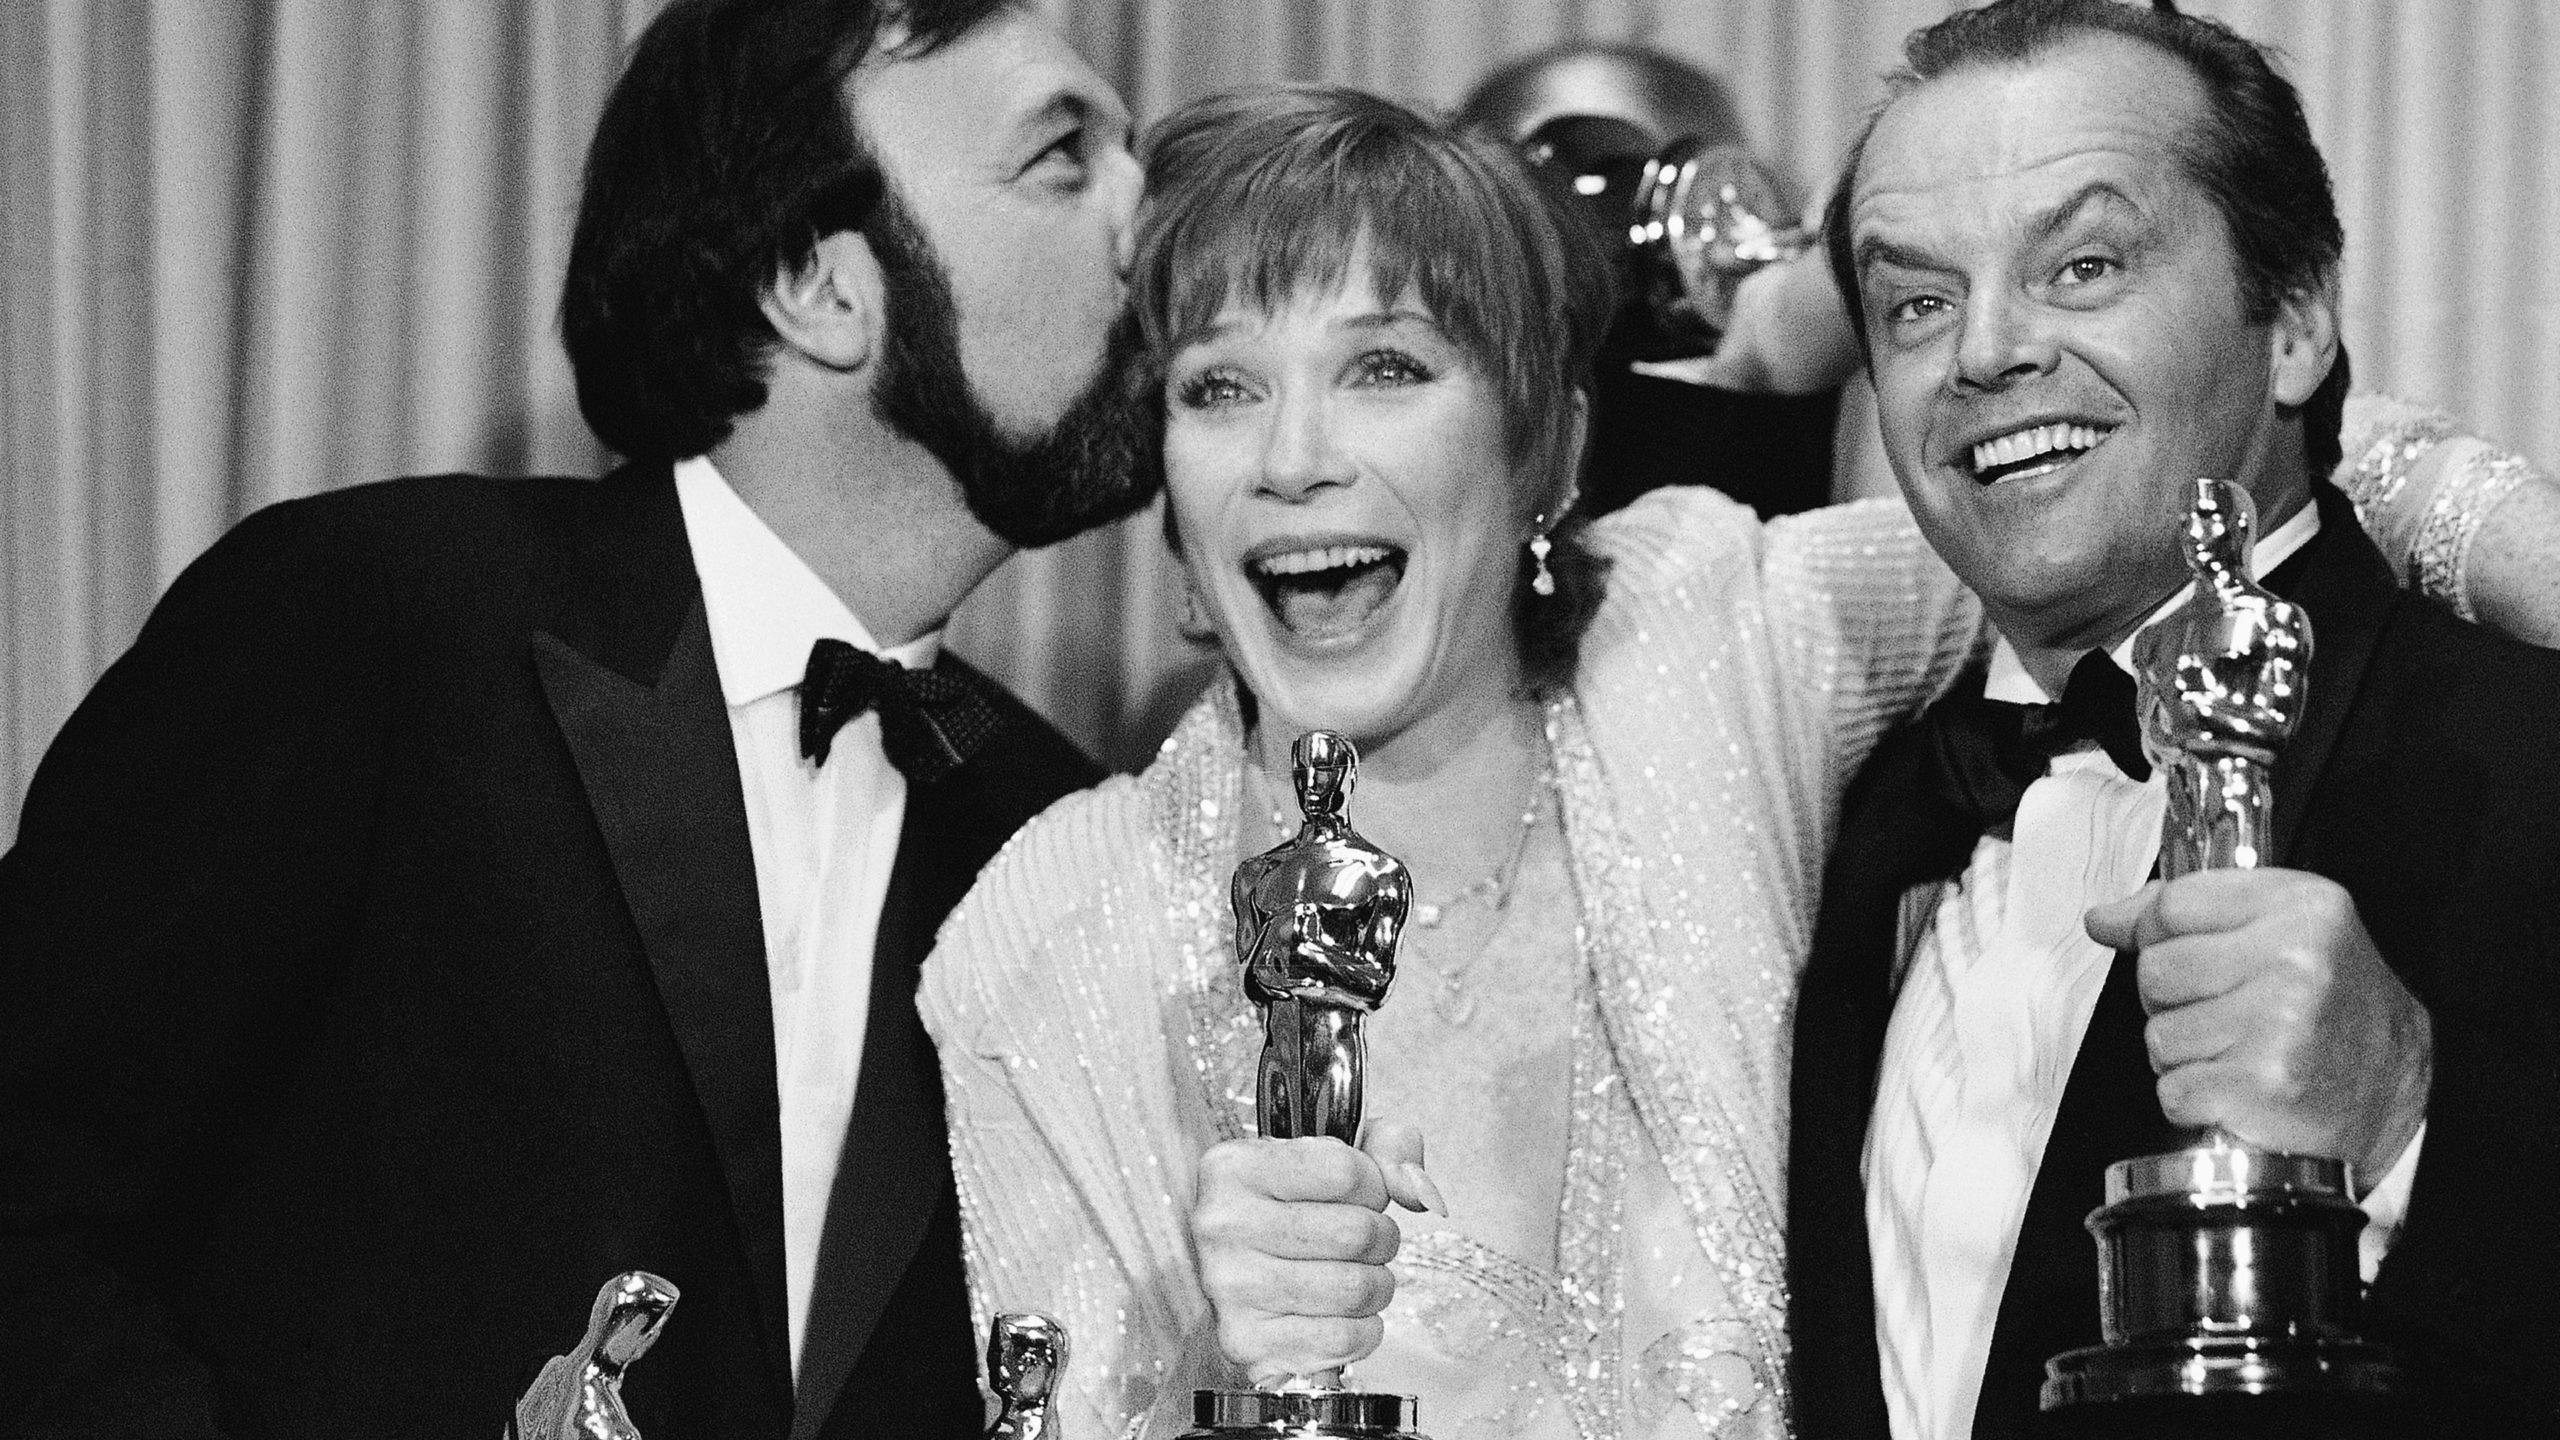 Dit moet je weten over de 92e Oscars-uitreiking vanavond